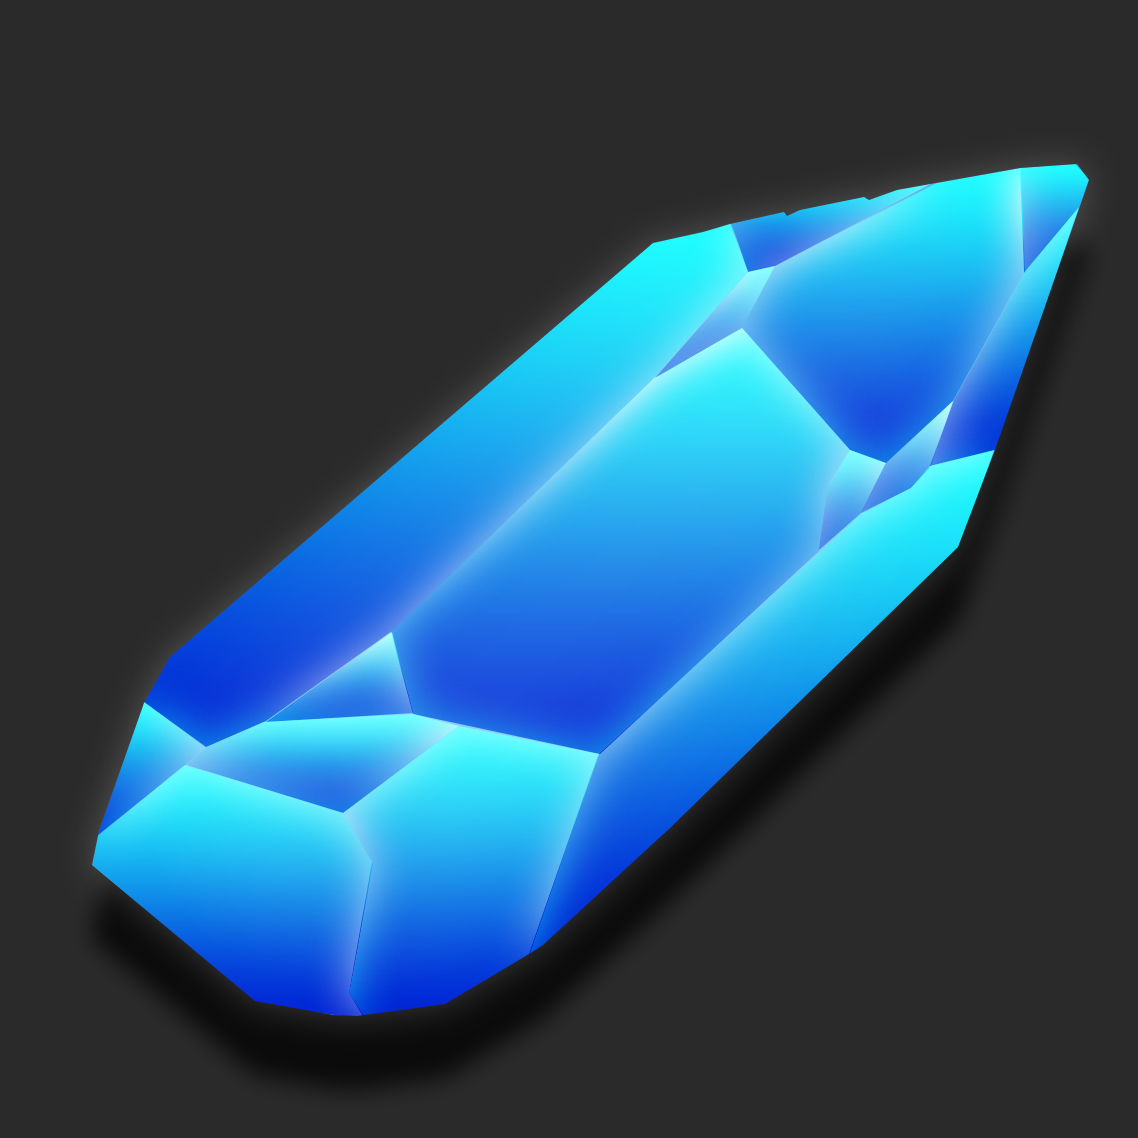 cristallo_azzurro